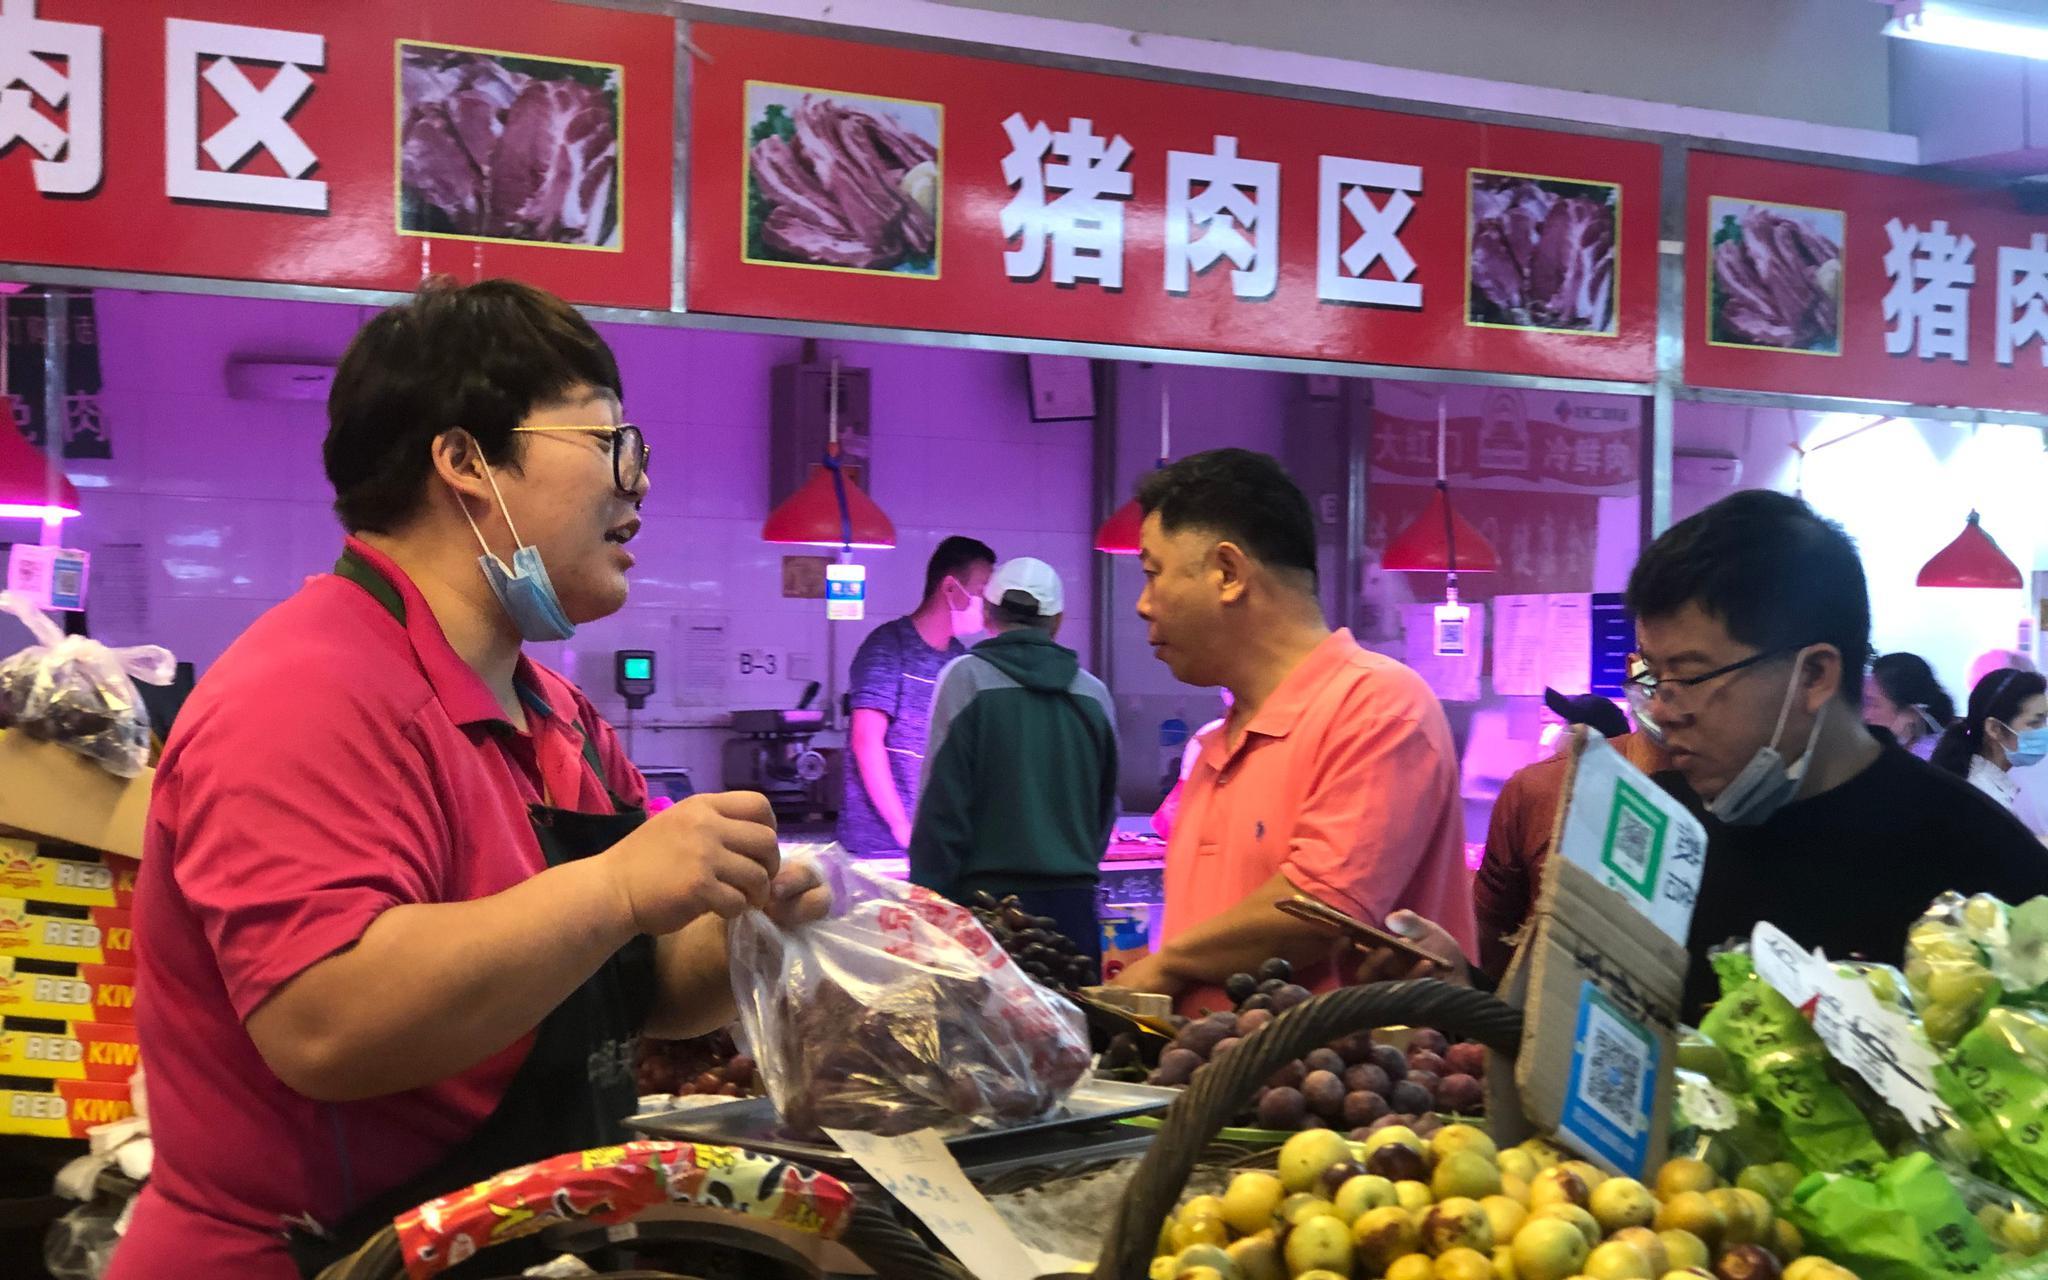 市场功能不止于买菜 专家:好的农贸市场会让人收获幸福感图片